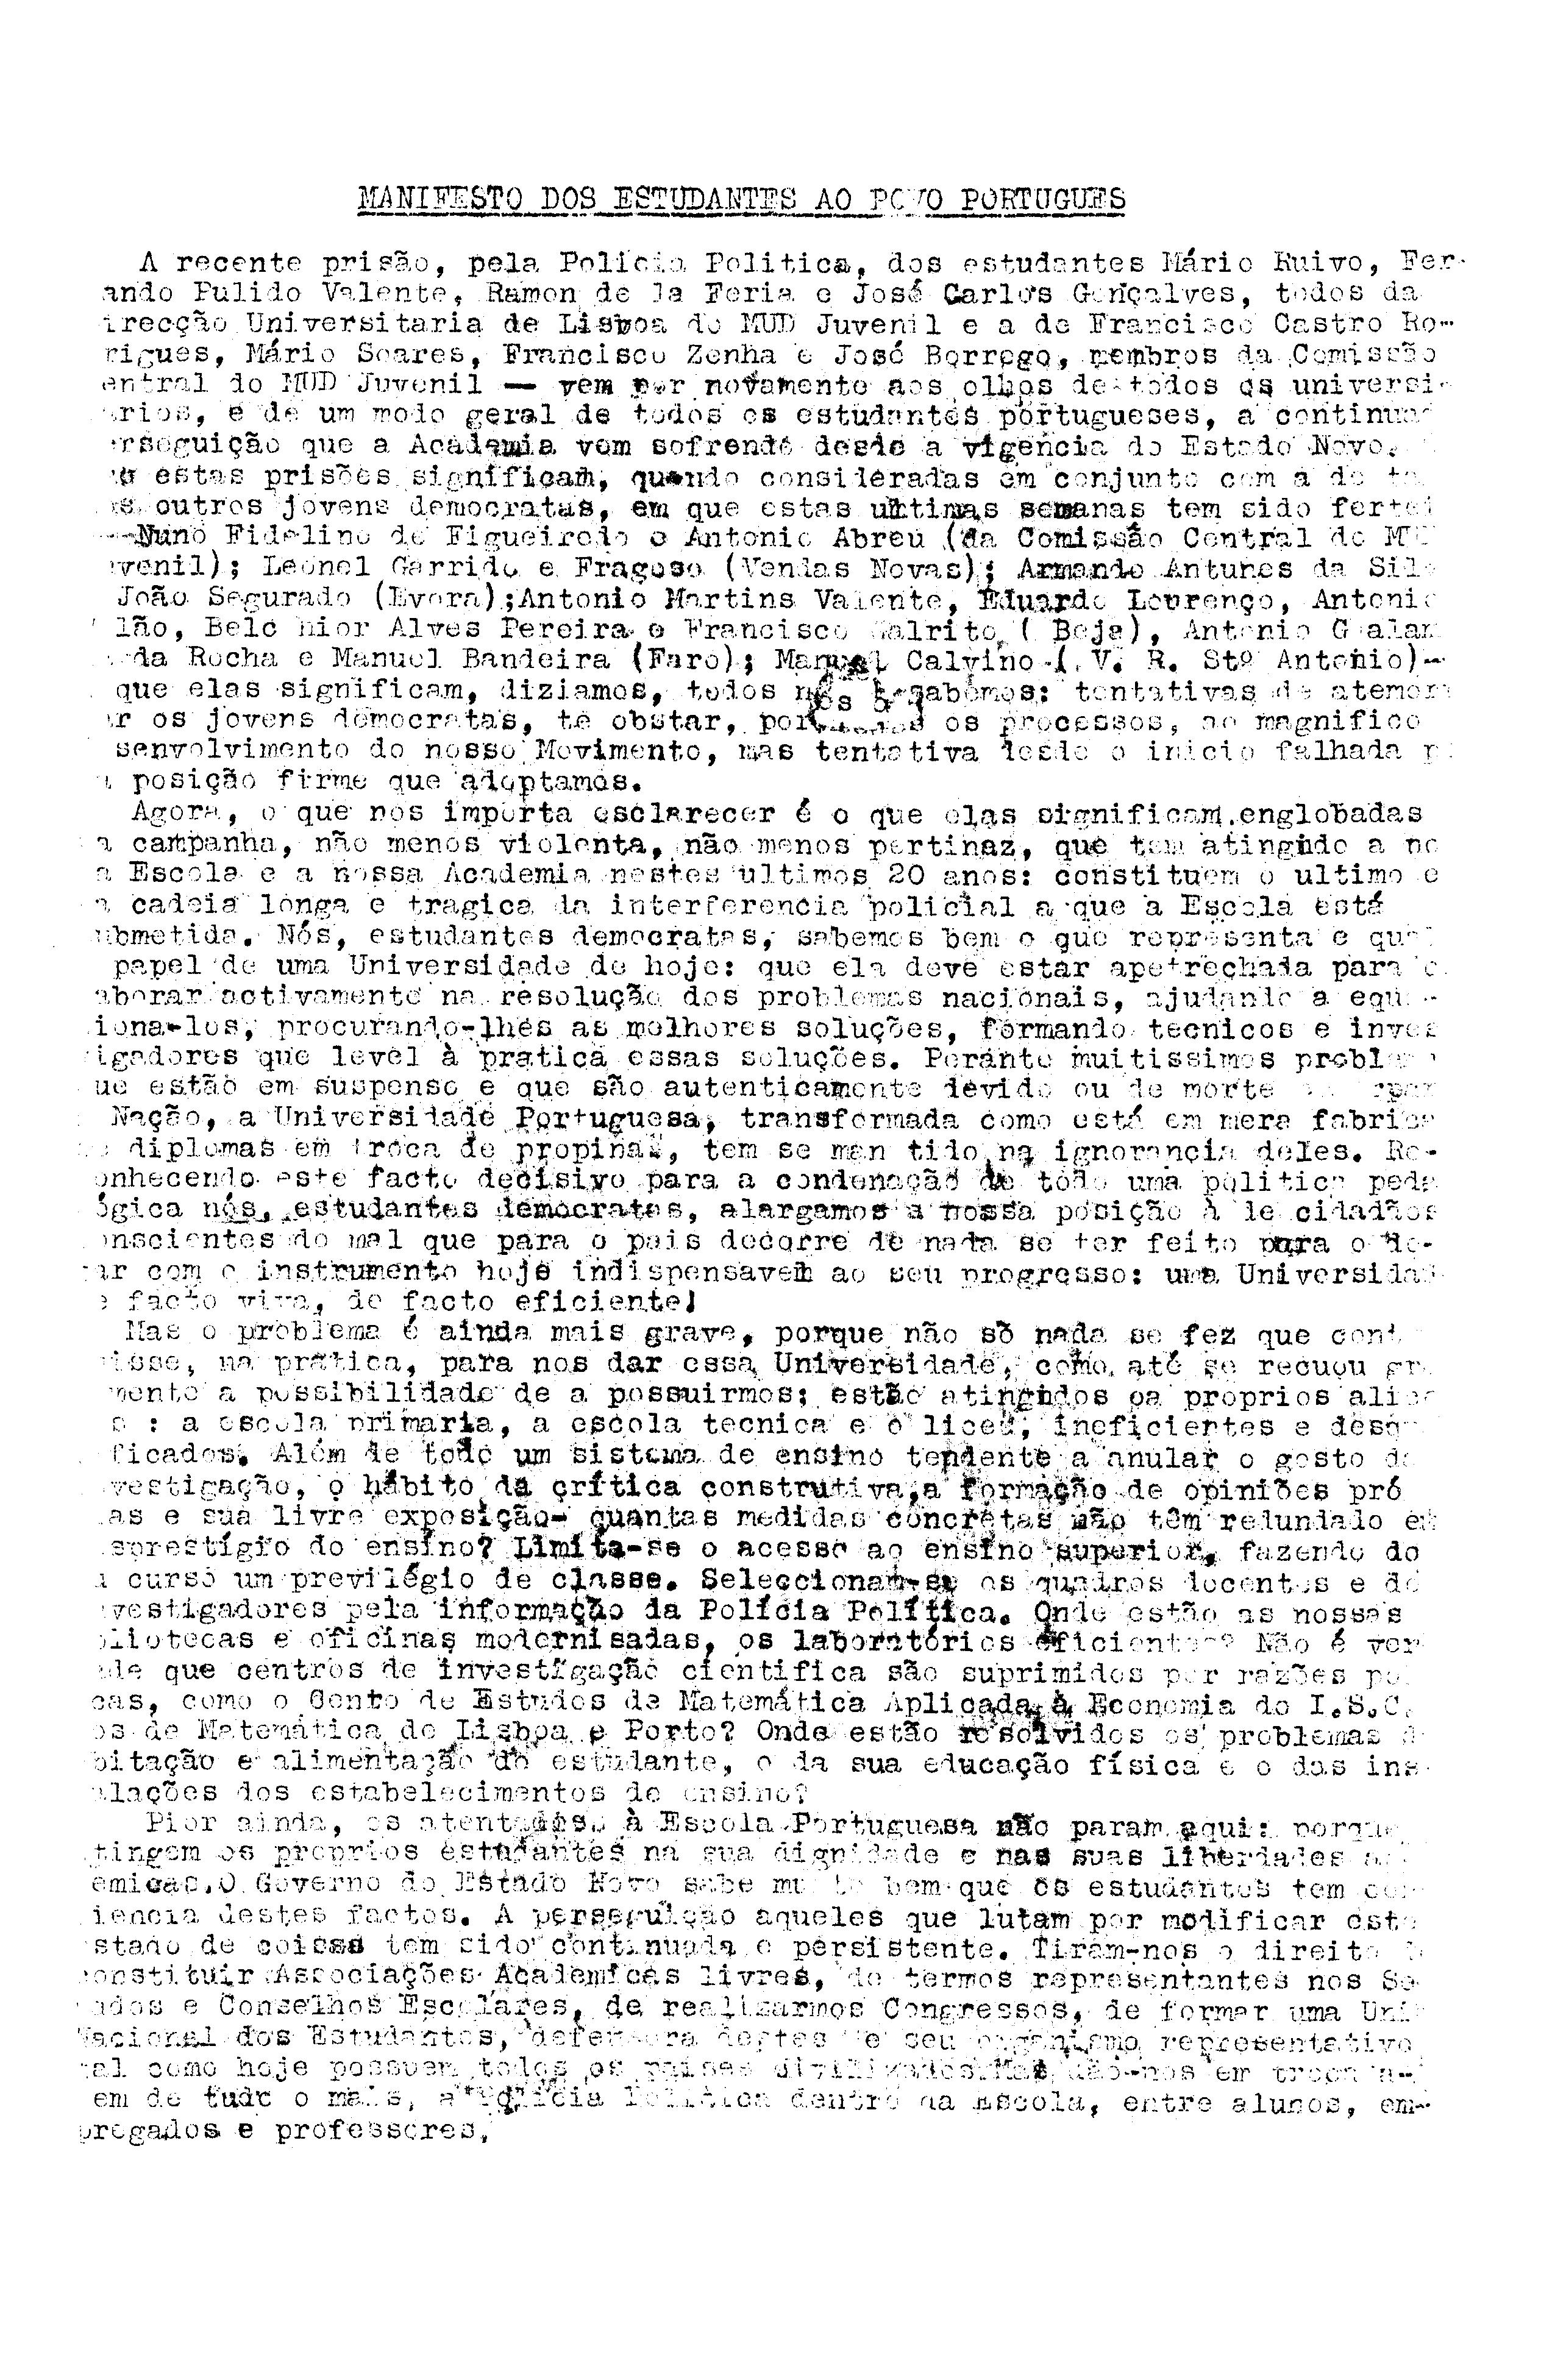 02969.012.002- pag.1